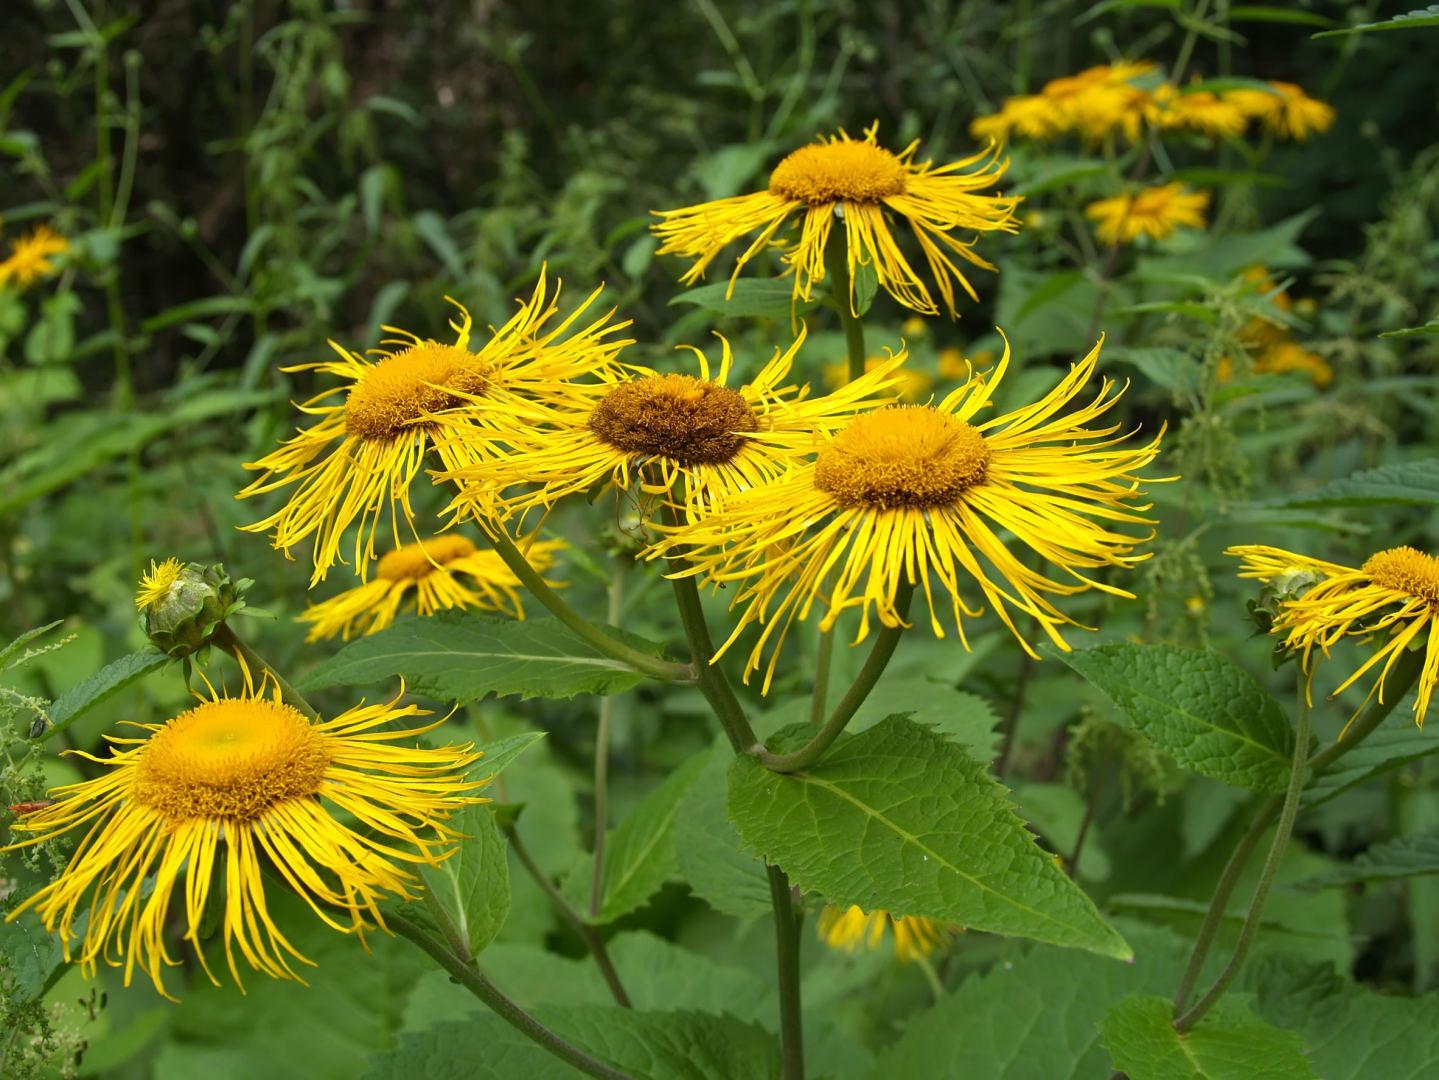 vaistiniai augalai, vartojami hipertenzijai gydyti)